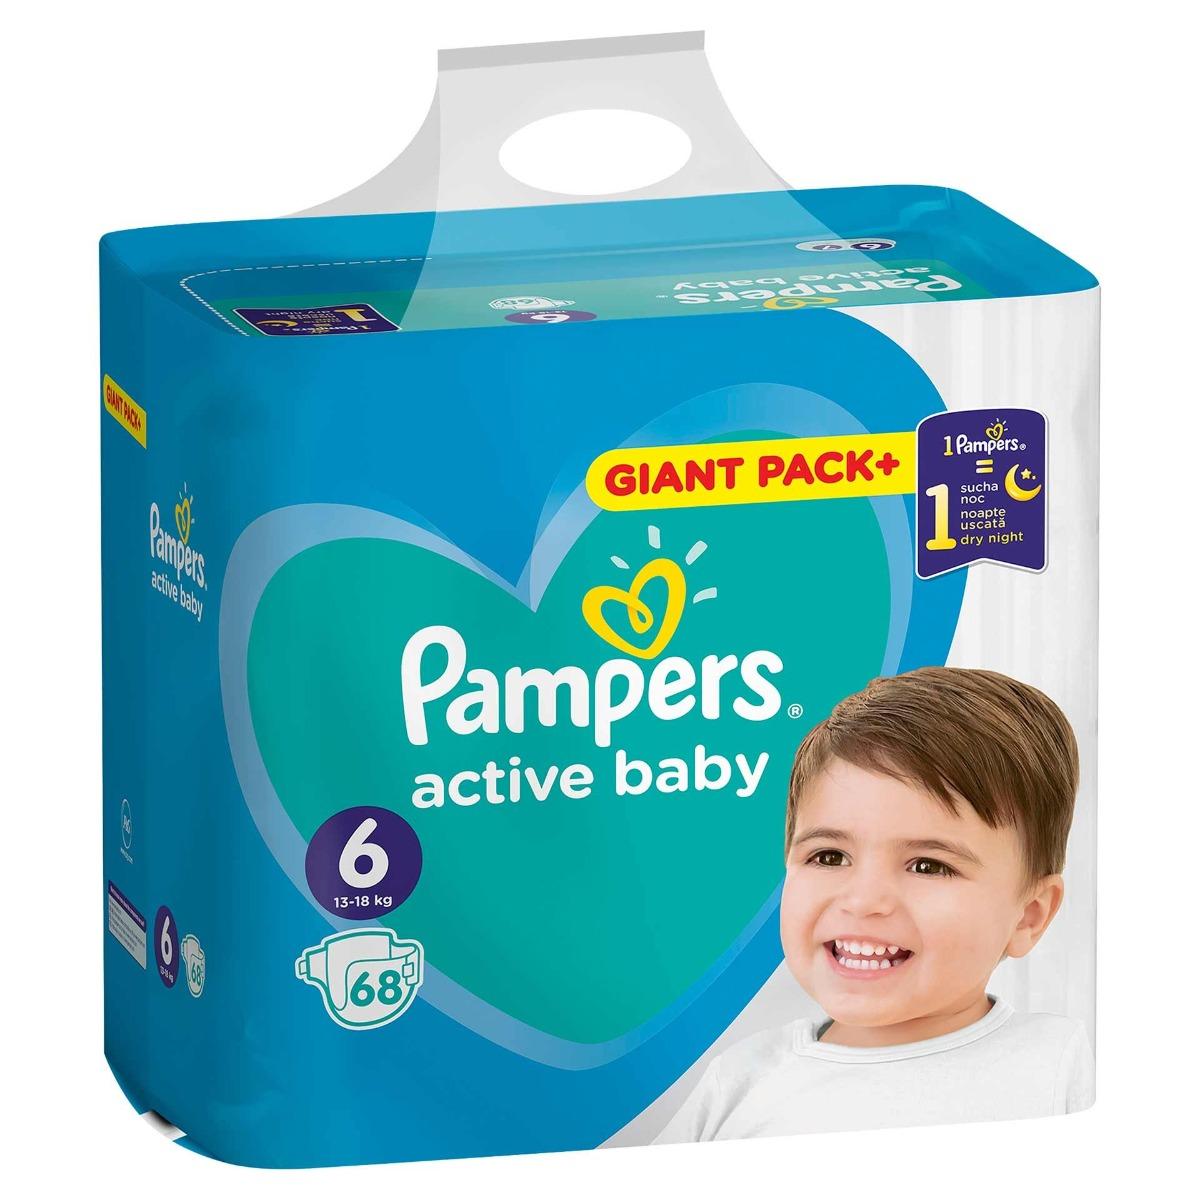 Scutece Active Baby marimea 6 pentru 13-18kg, 68 bucati, Pampers